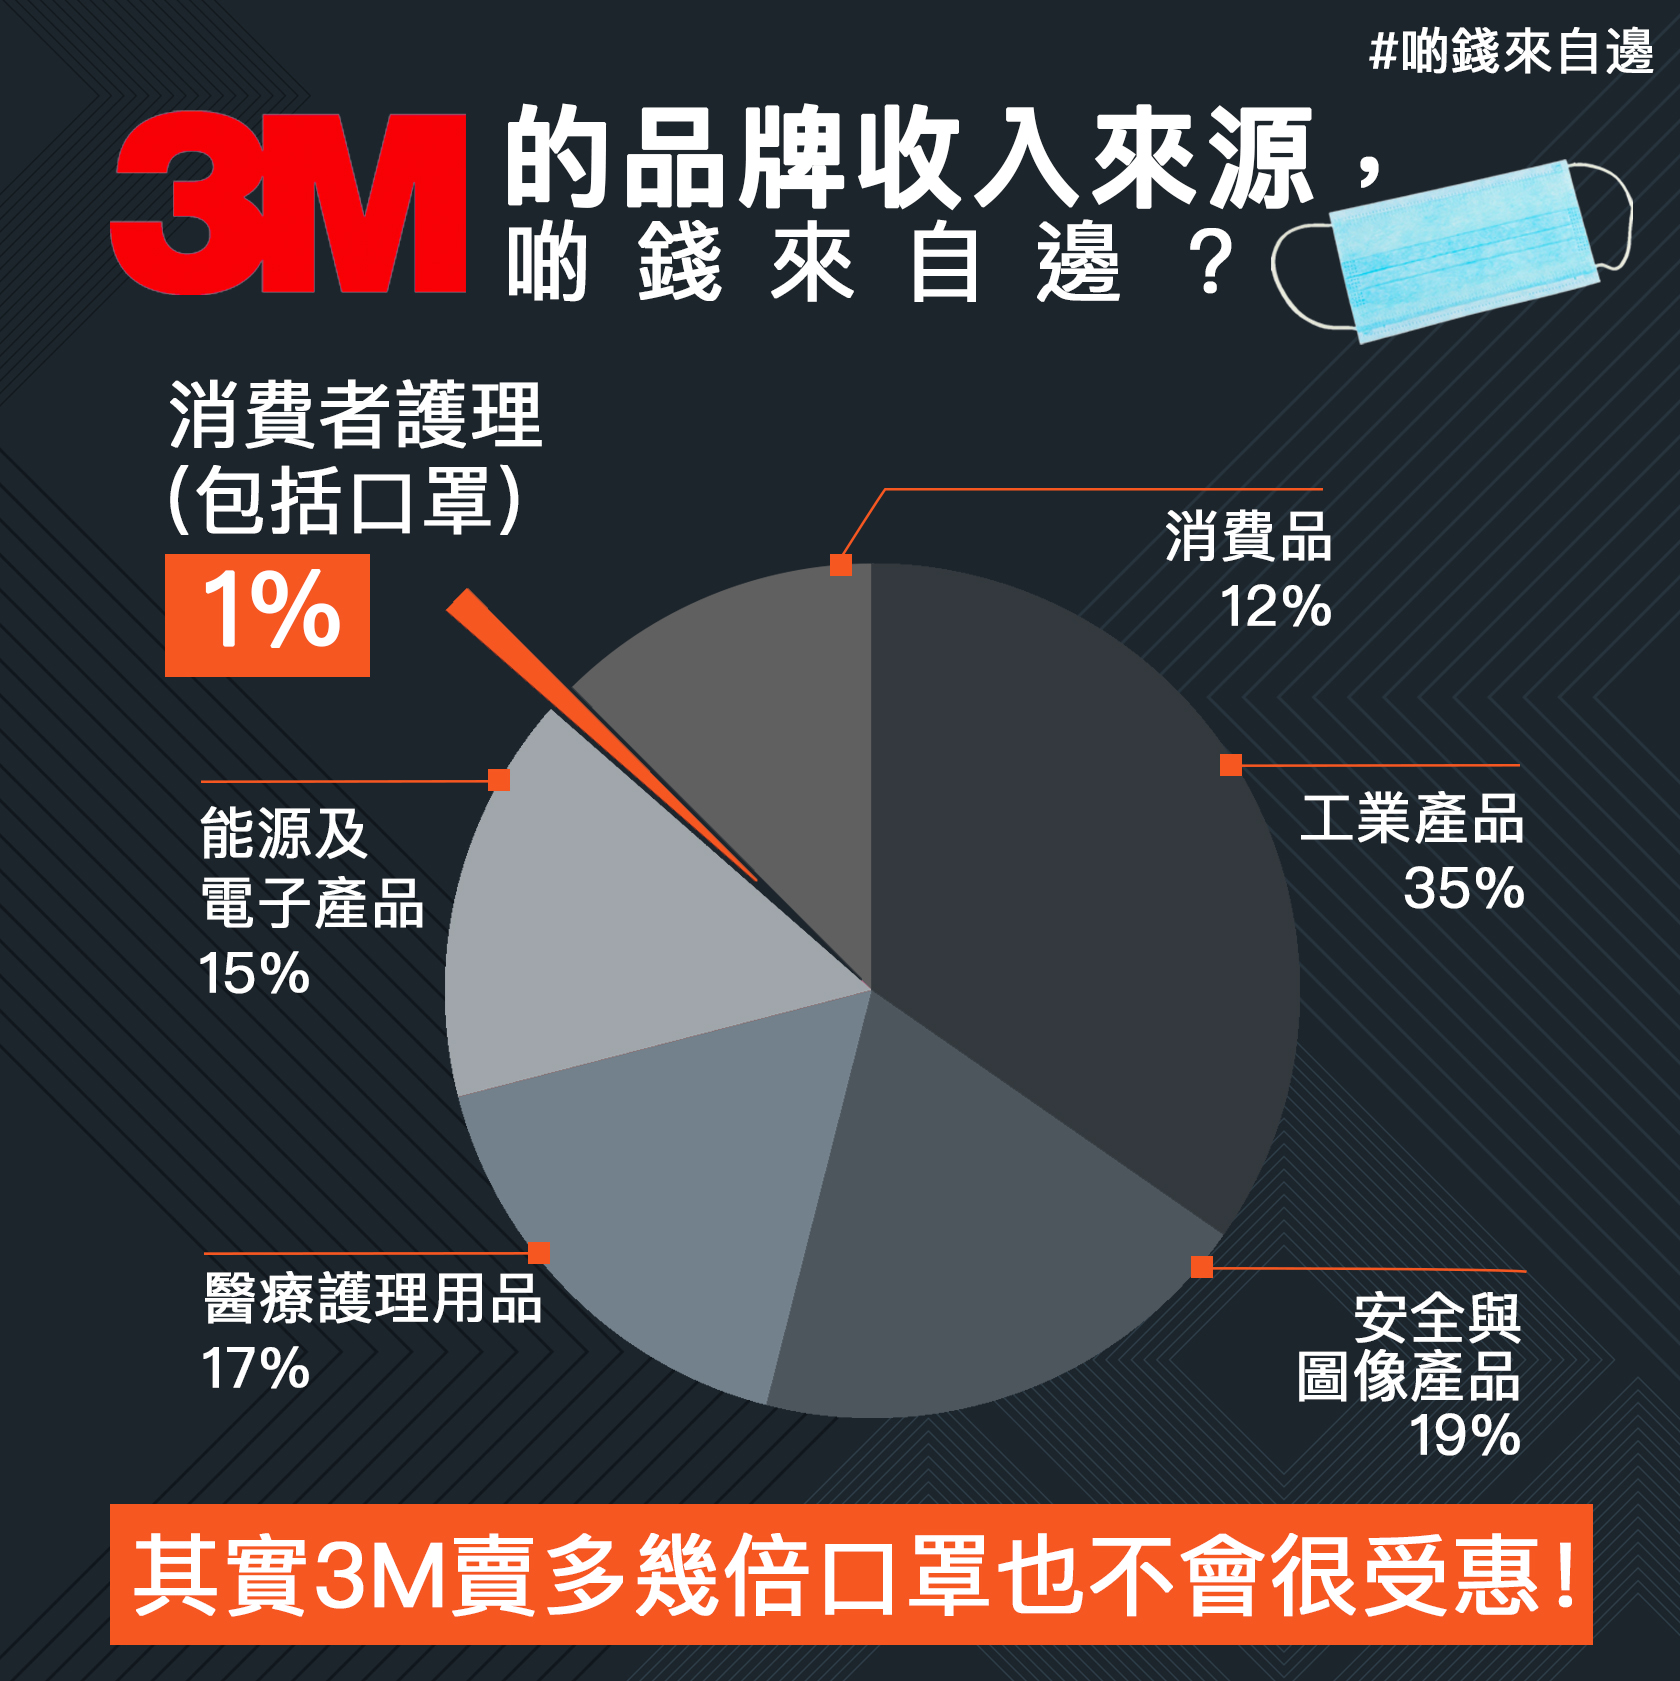 【啲錢來自邊】3M的品牌收入來源,啲錢來自邊?